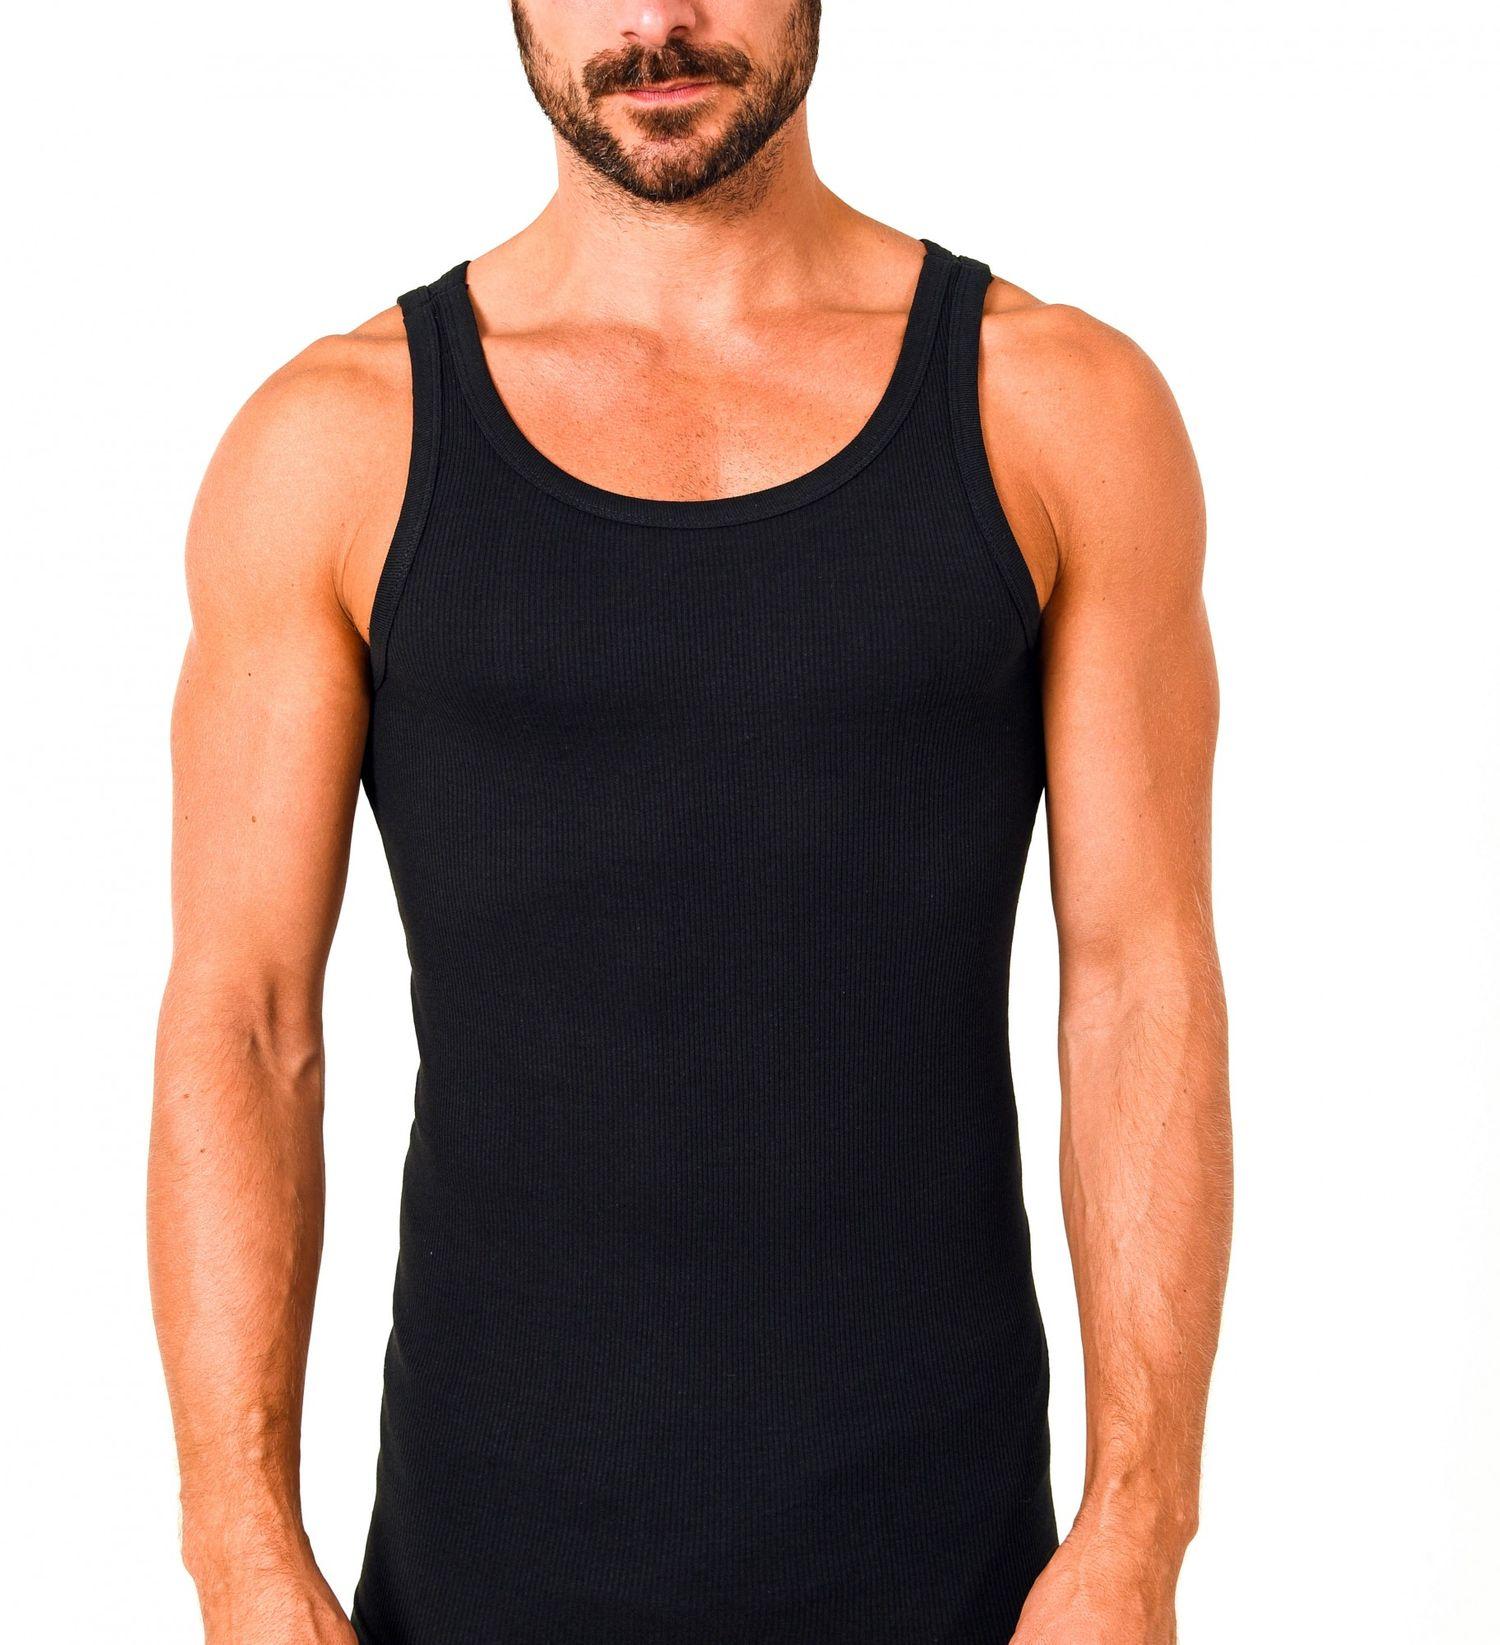 10403 Herren Achselhemd 2erpack in schwarz Feinripp Unterhemd  aus 100 % Baumwolle  – Bild 1